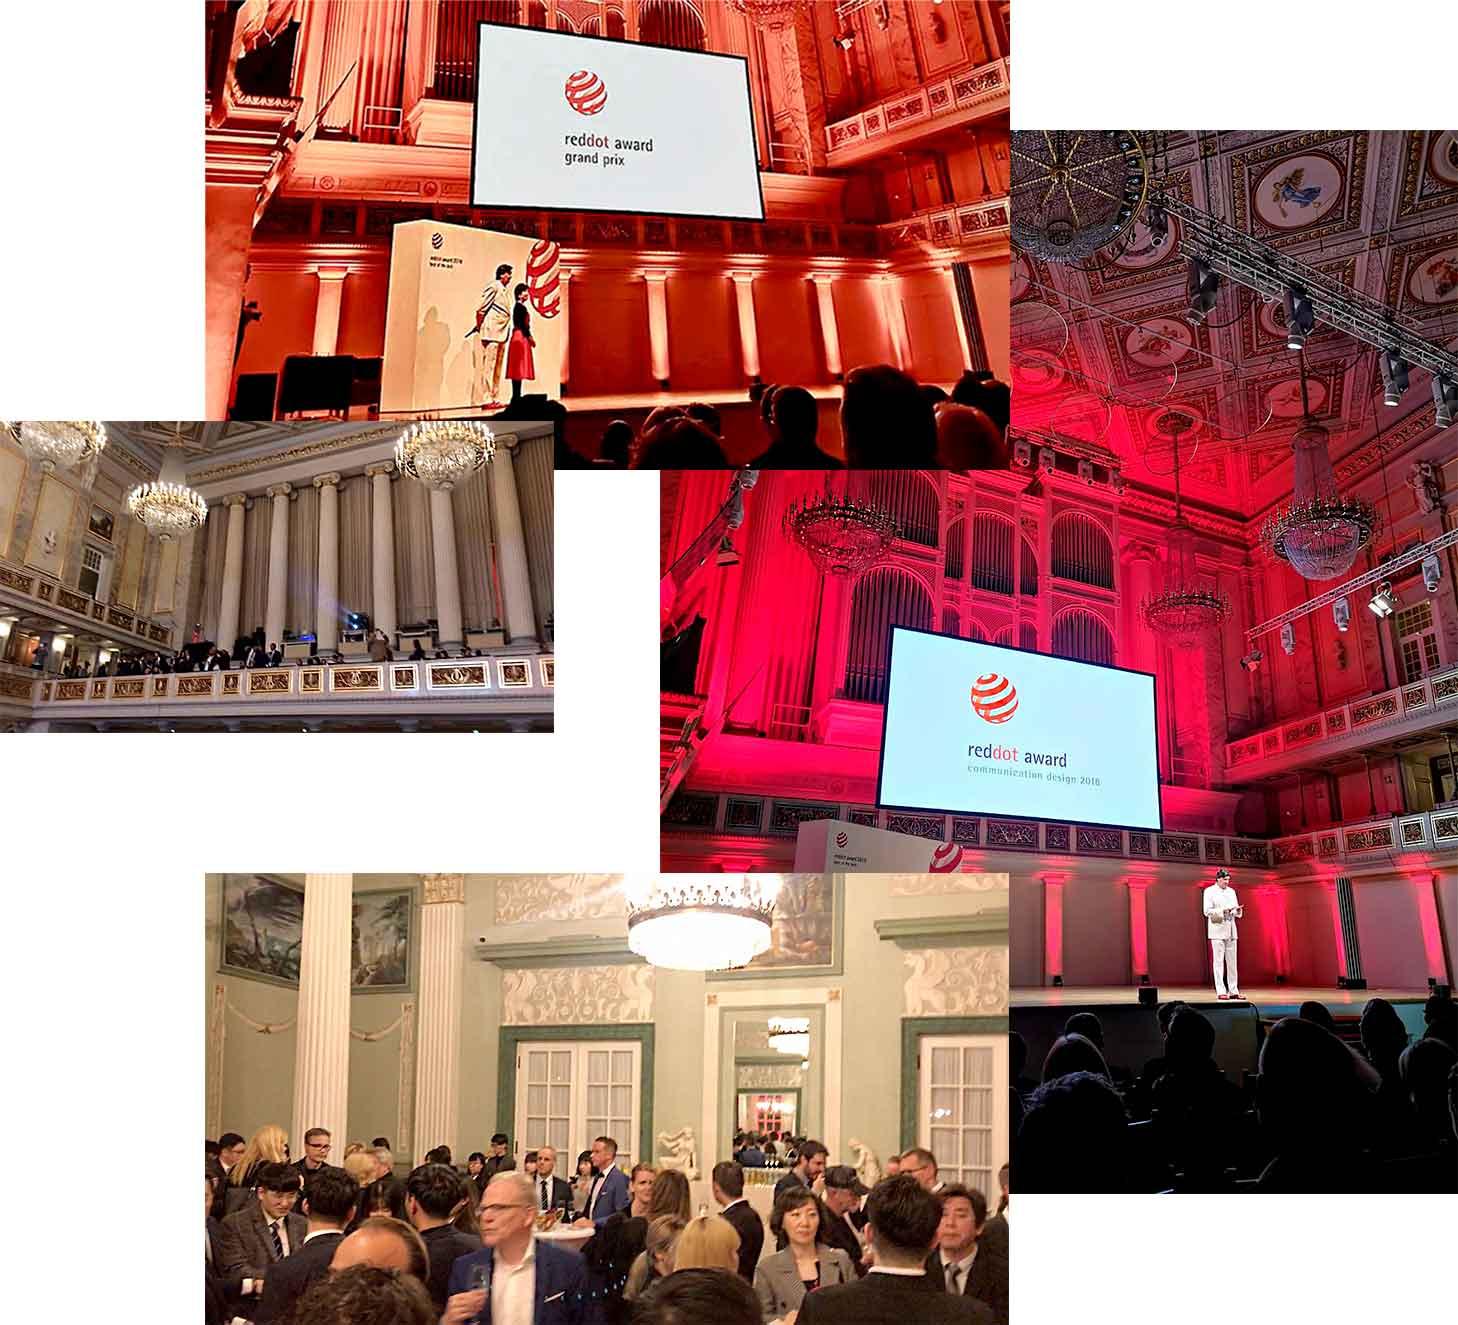 gala red dot premios diseno - El Grand Prix de los Red Dot awards, el premio de los premios del diseño